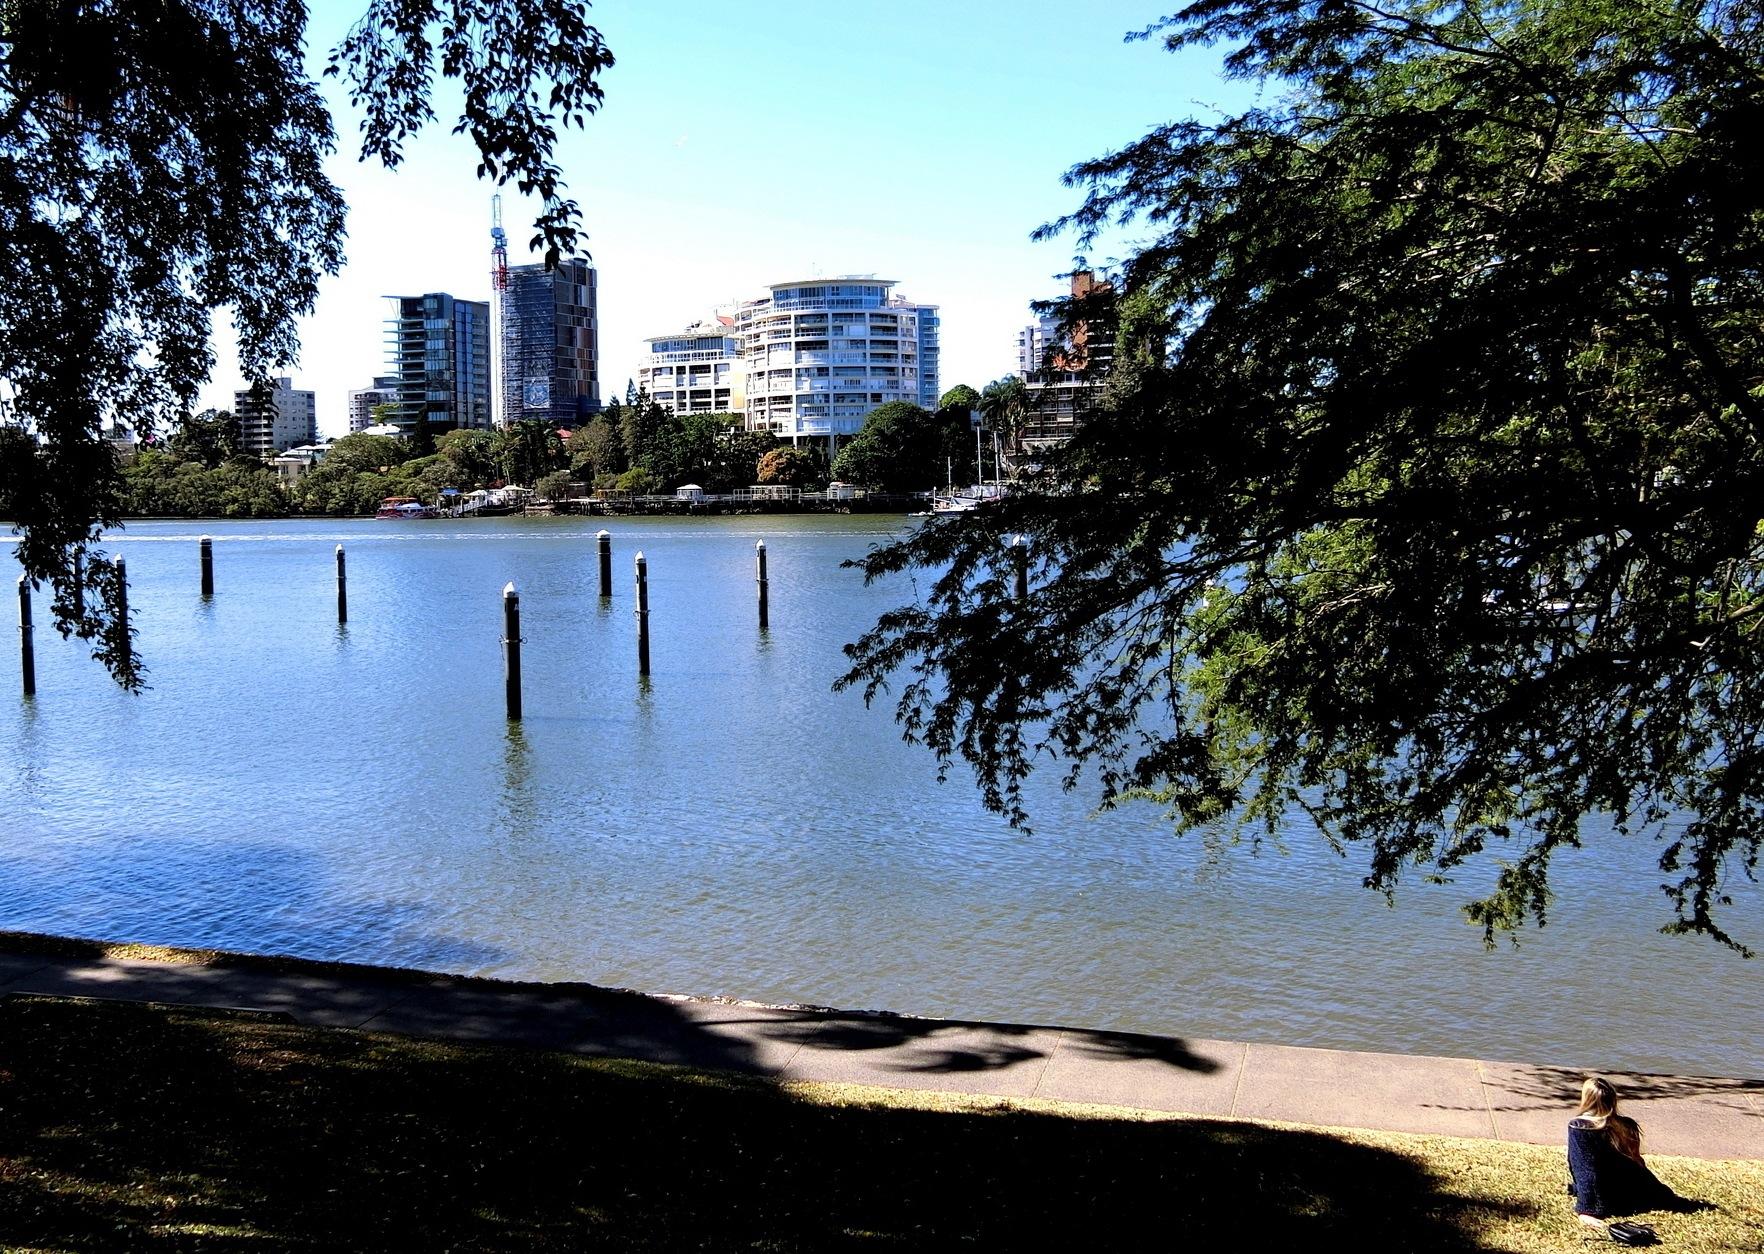 Brisbane Botanic Garden-1 by pop88123